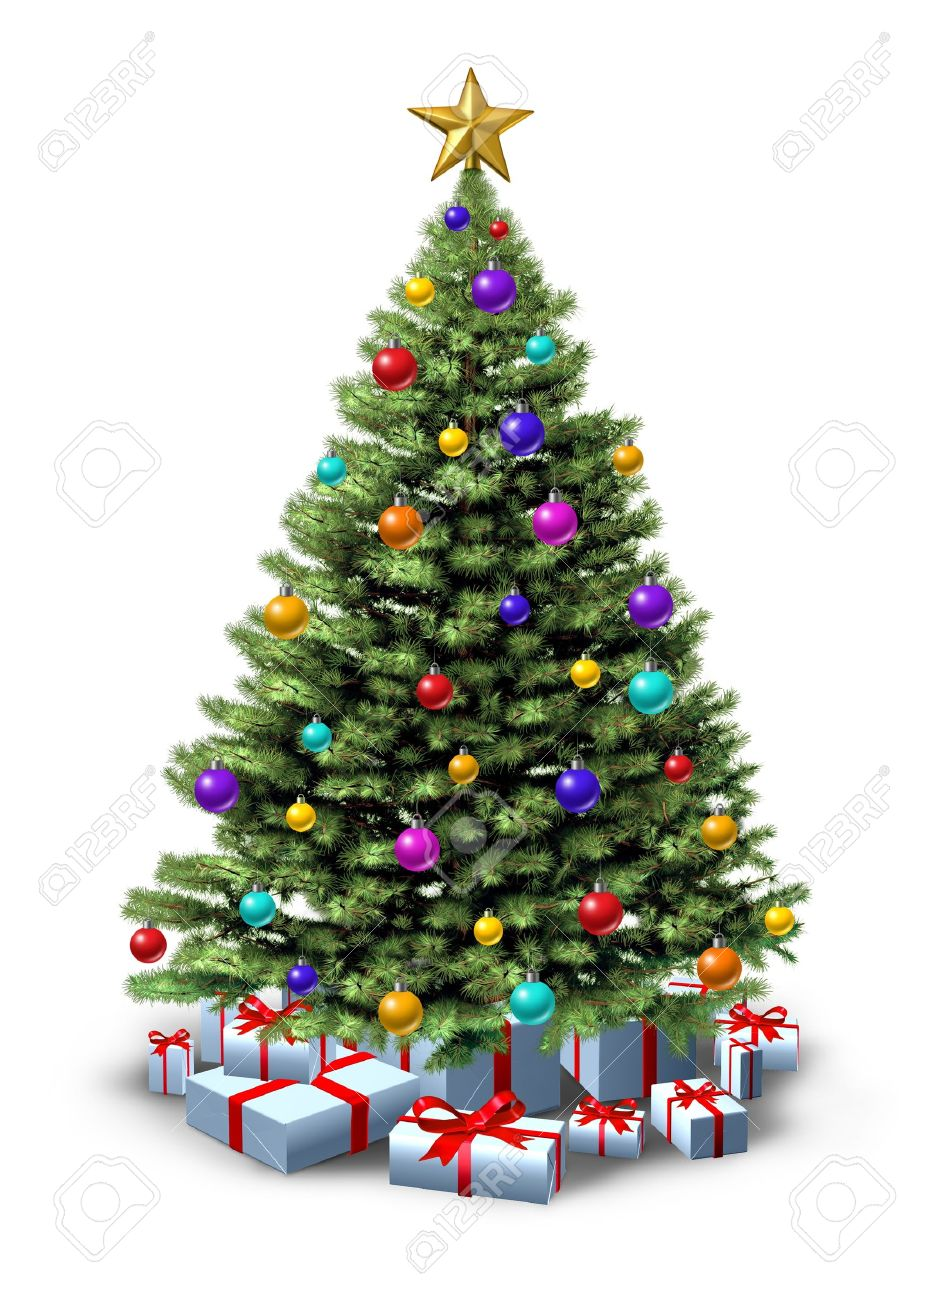 navidad decorado rbol de pino natural de bosque verde adornado con bolas de decoracin y regalos